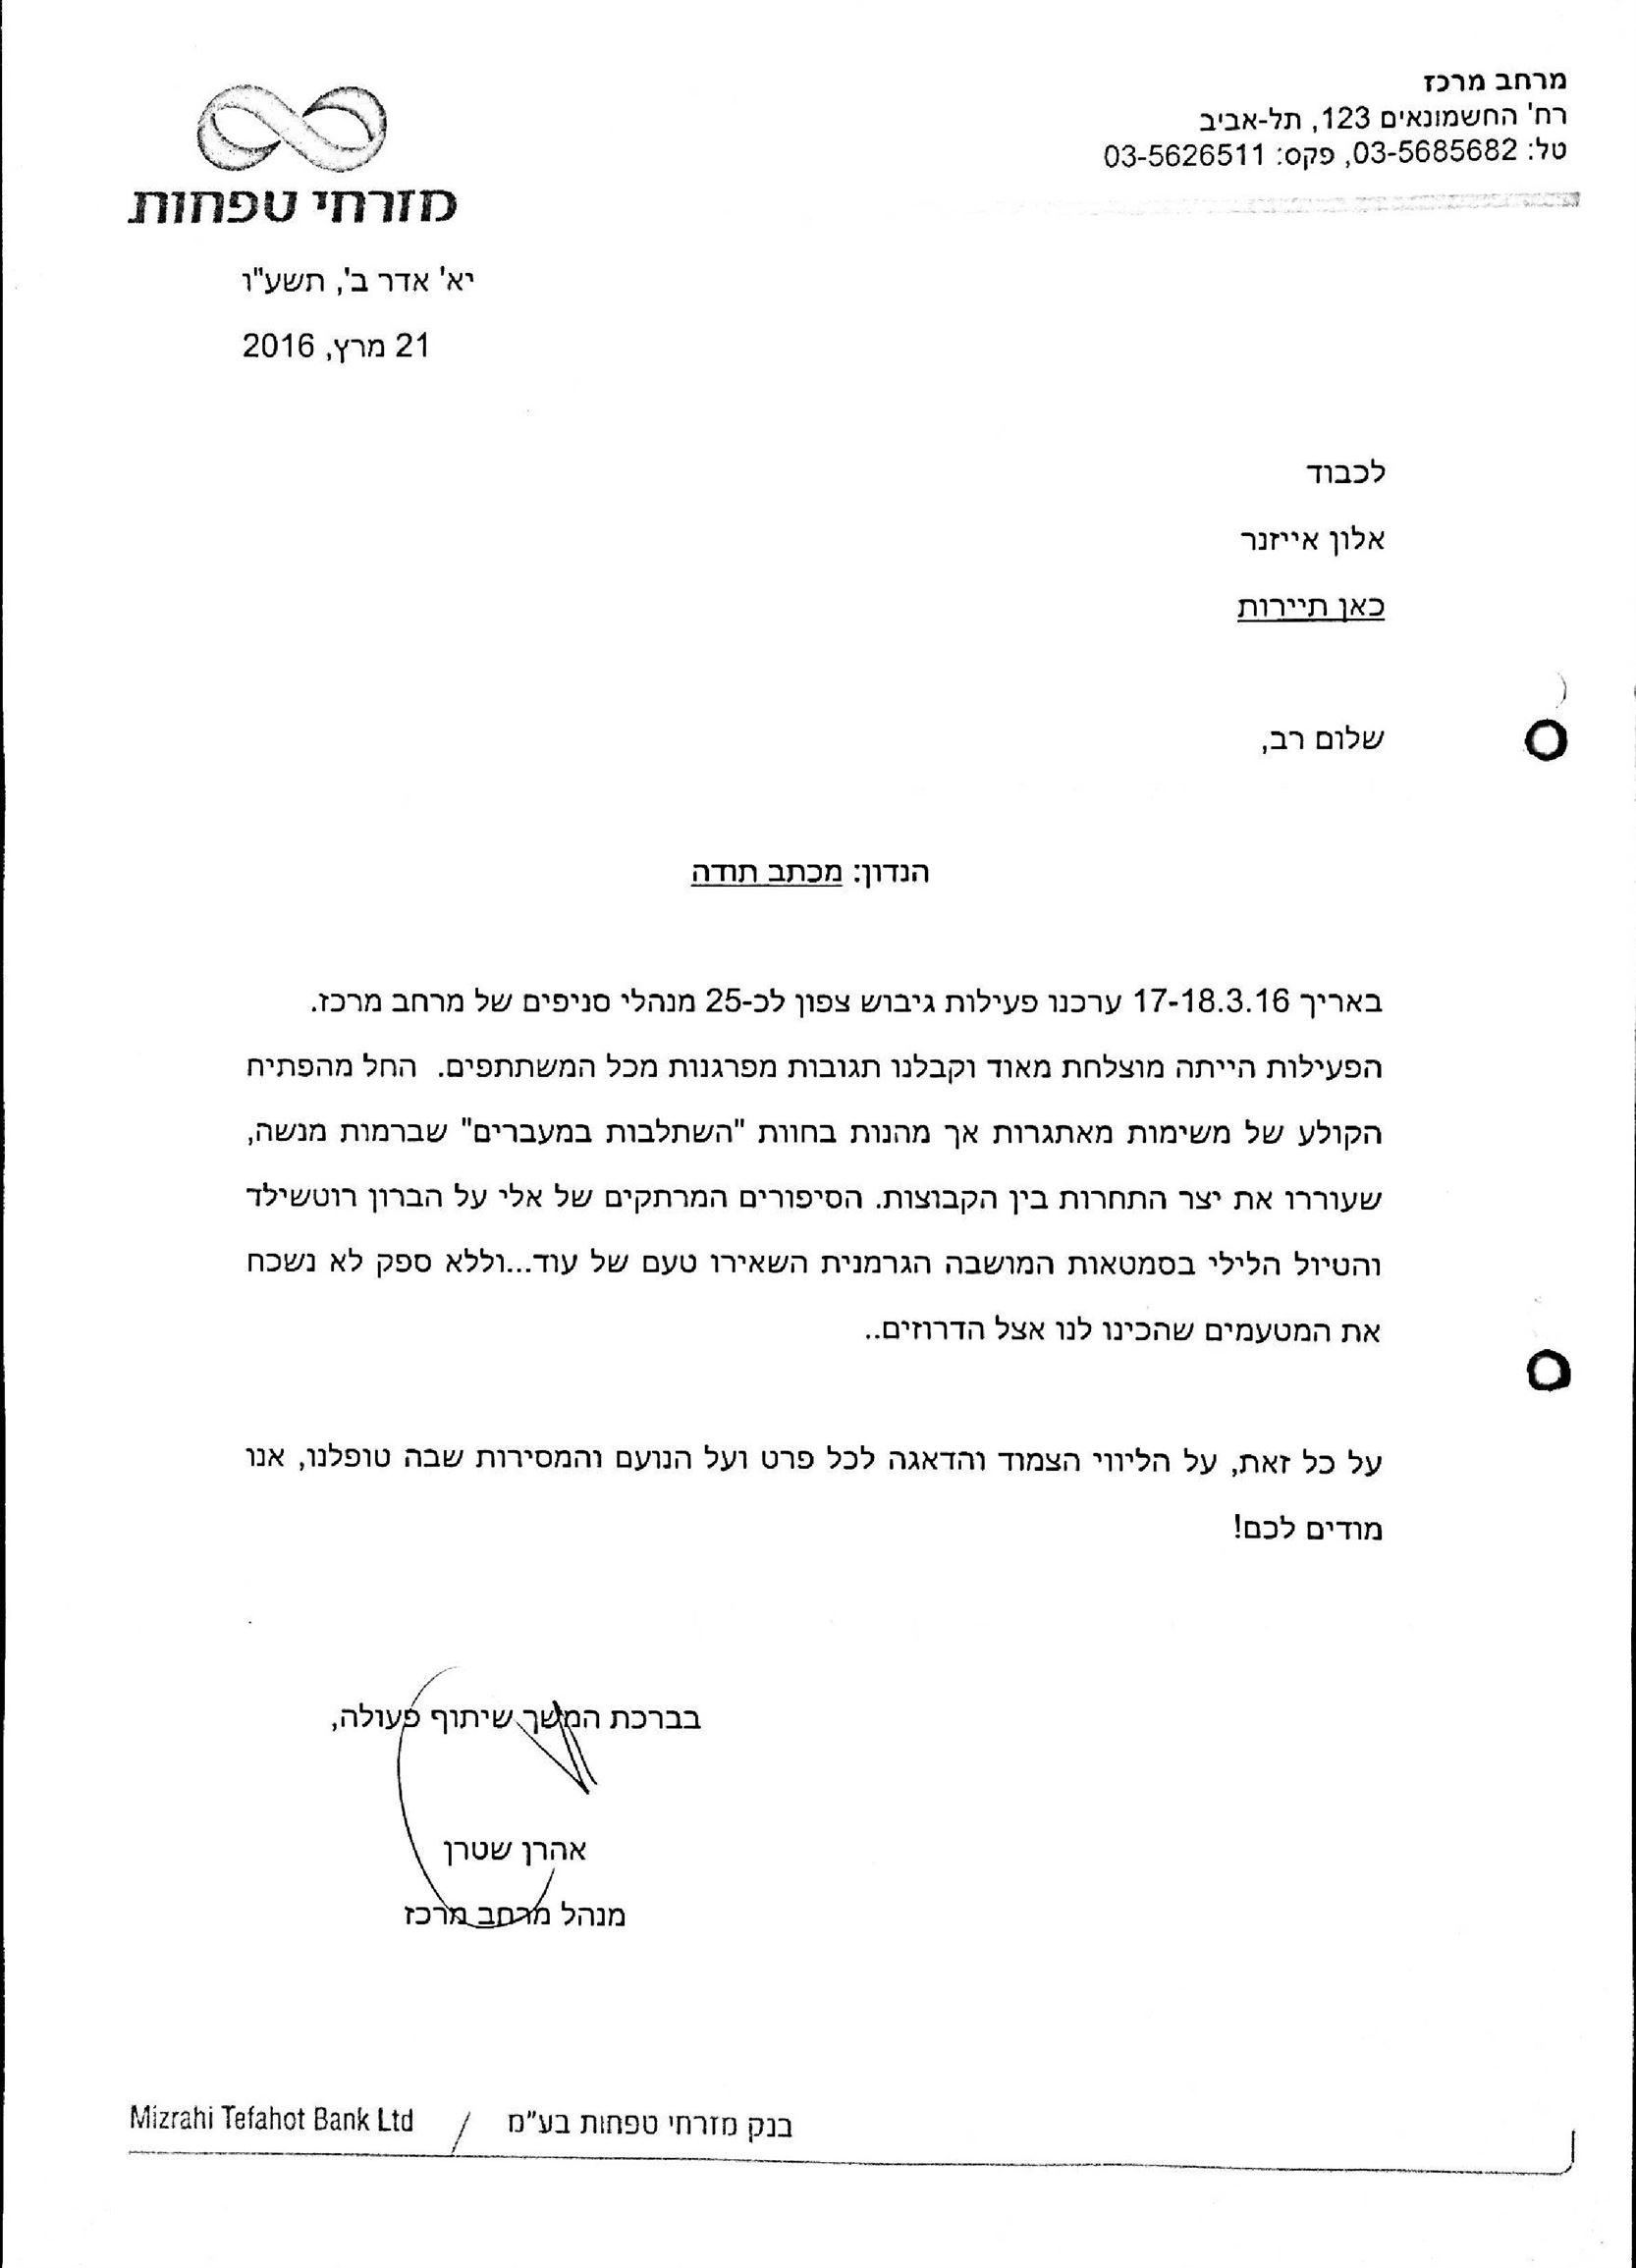 מכתב תודה ממזרחי טפחות